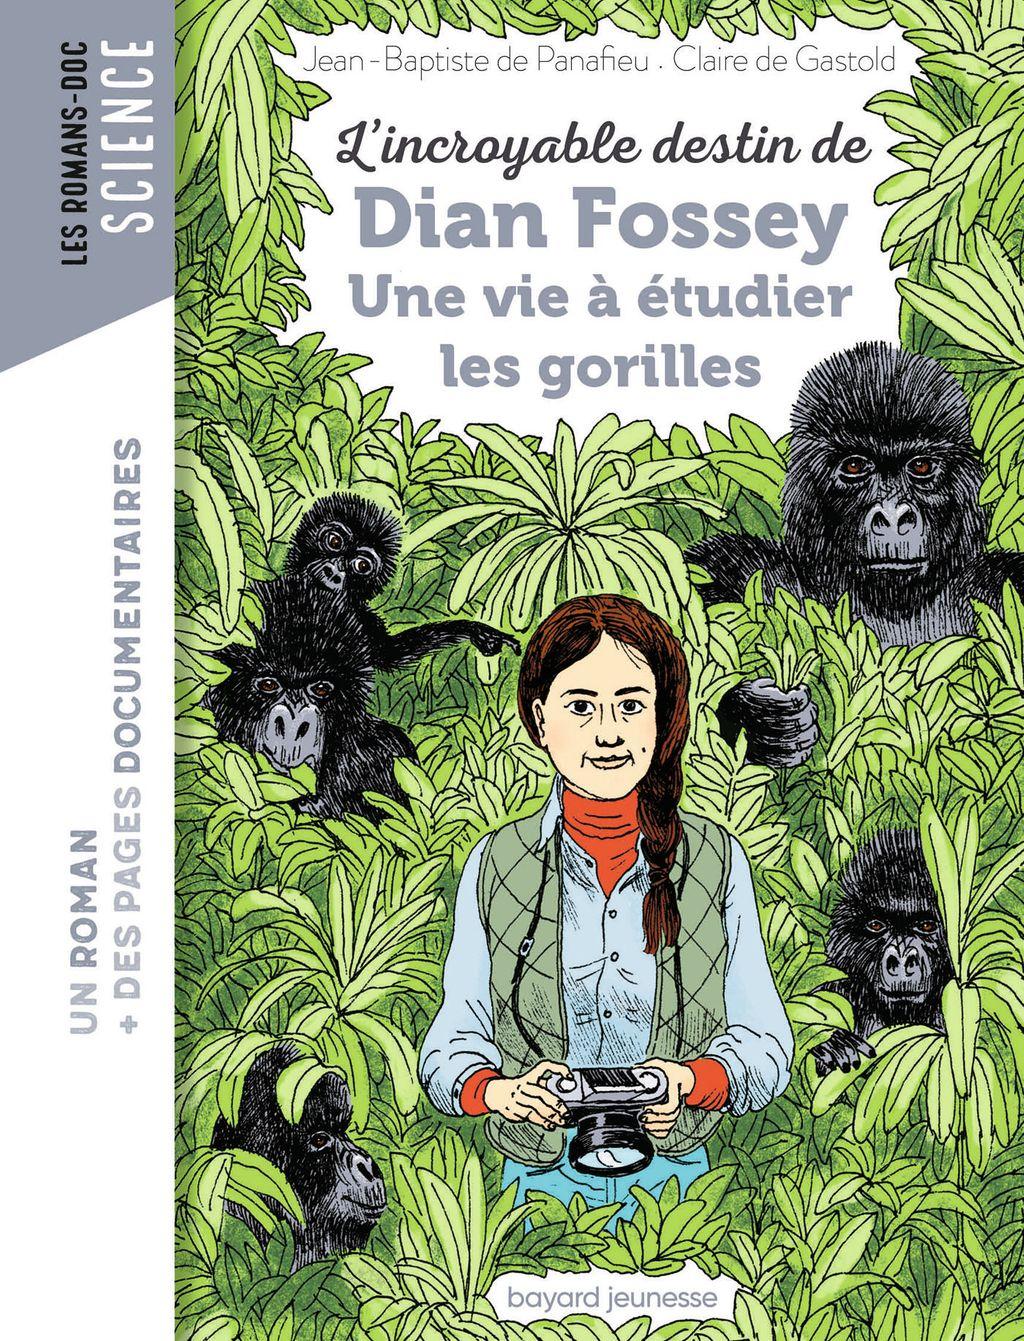 Couverture de «L'incroyable destin de Dian Fossey, une vie à étudier les gorilles»